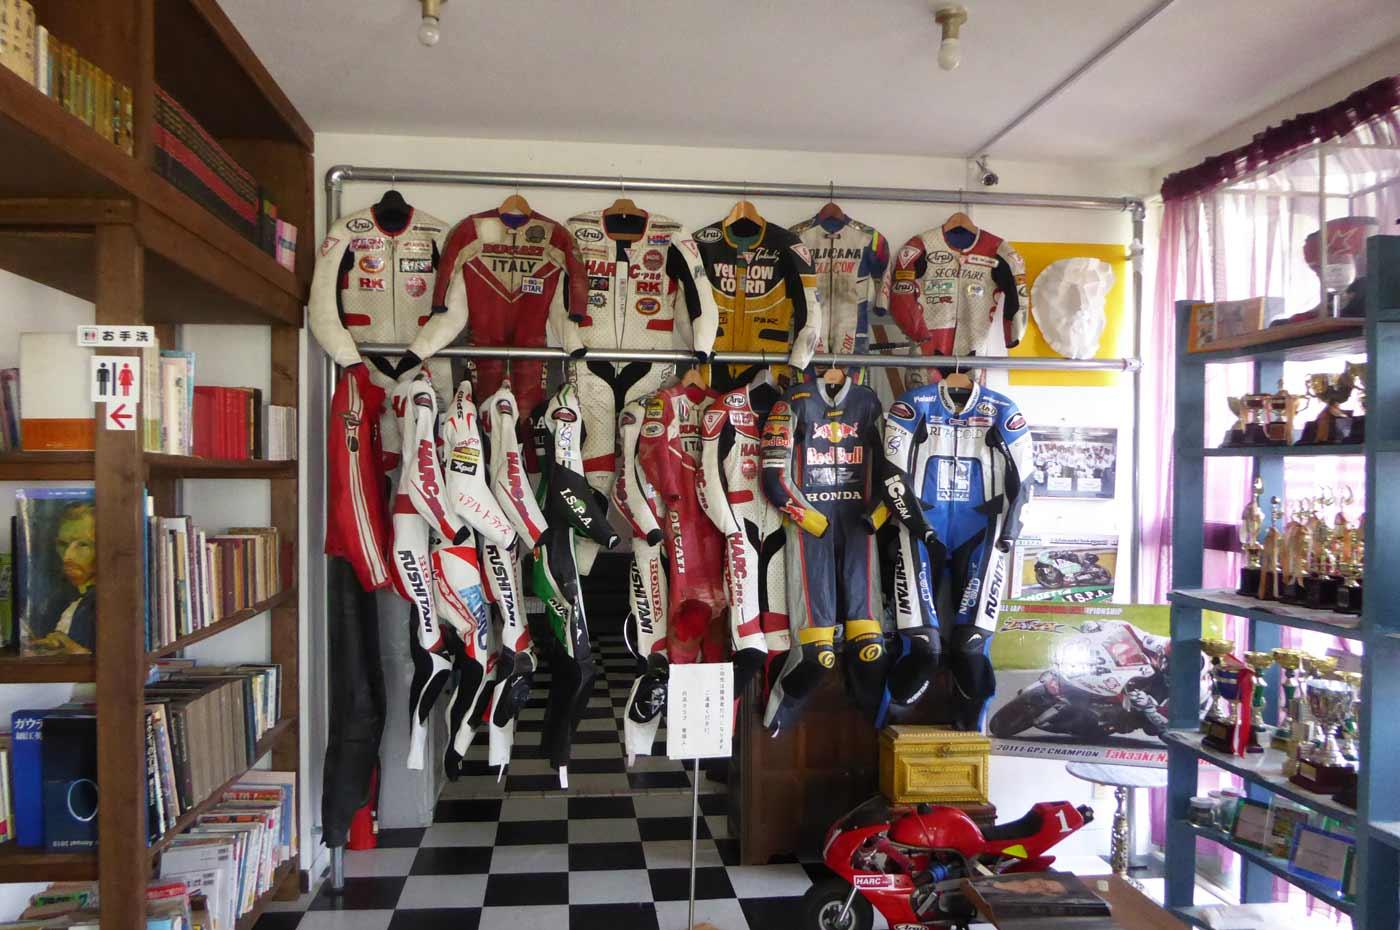 TAKAルームのレーシングスーツ